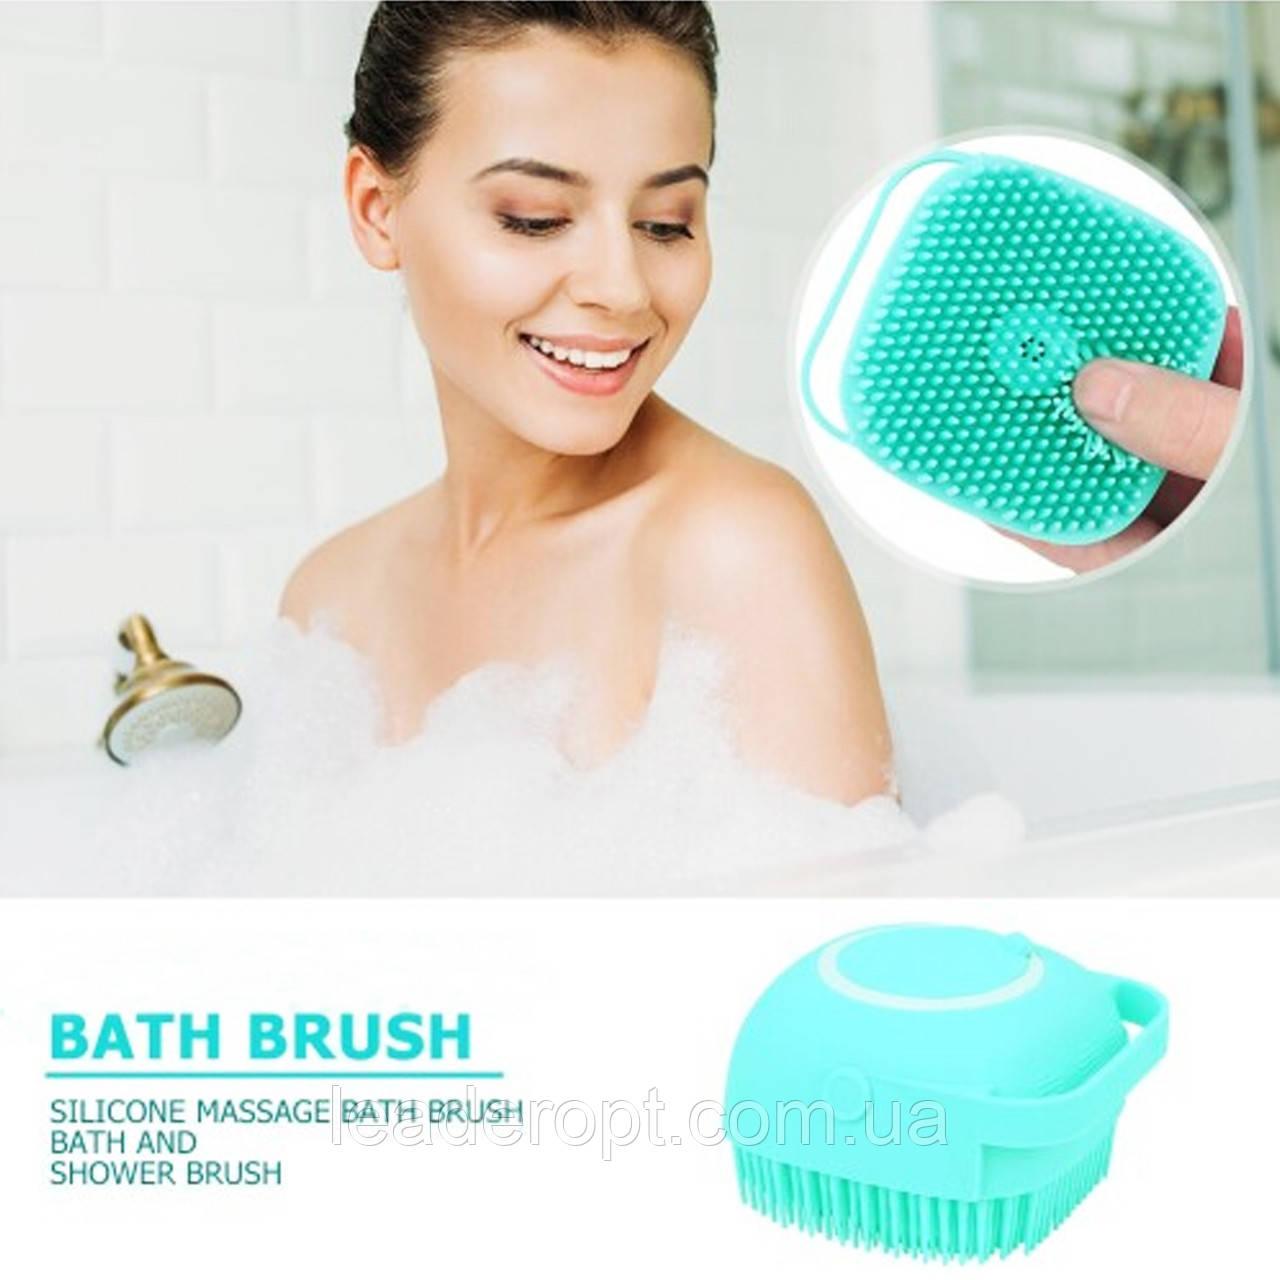 ОПТ Силіконова масажна щітка для тіла з дозатором для мила Silicone Massage Bath Brush догляд за тілом